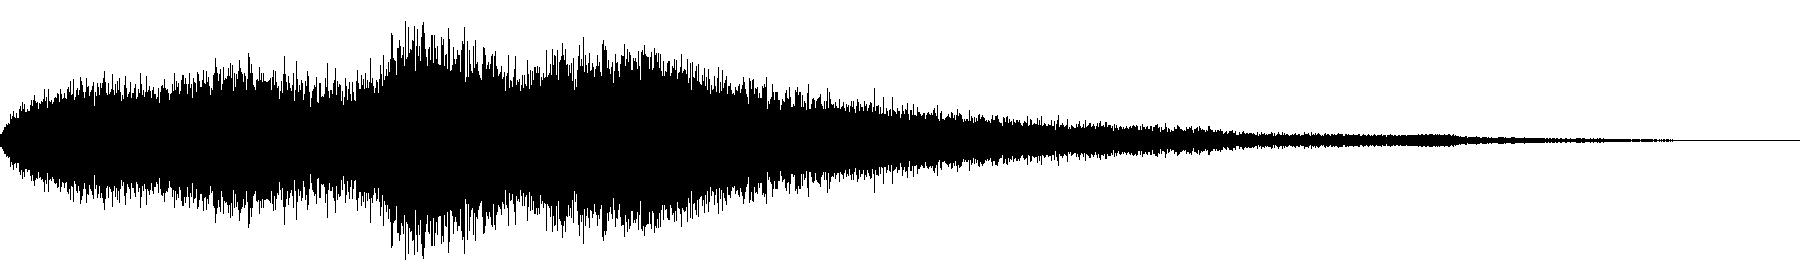 vfx1 atmos 56